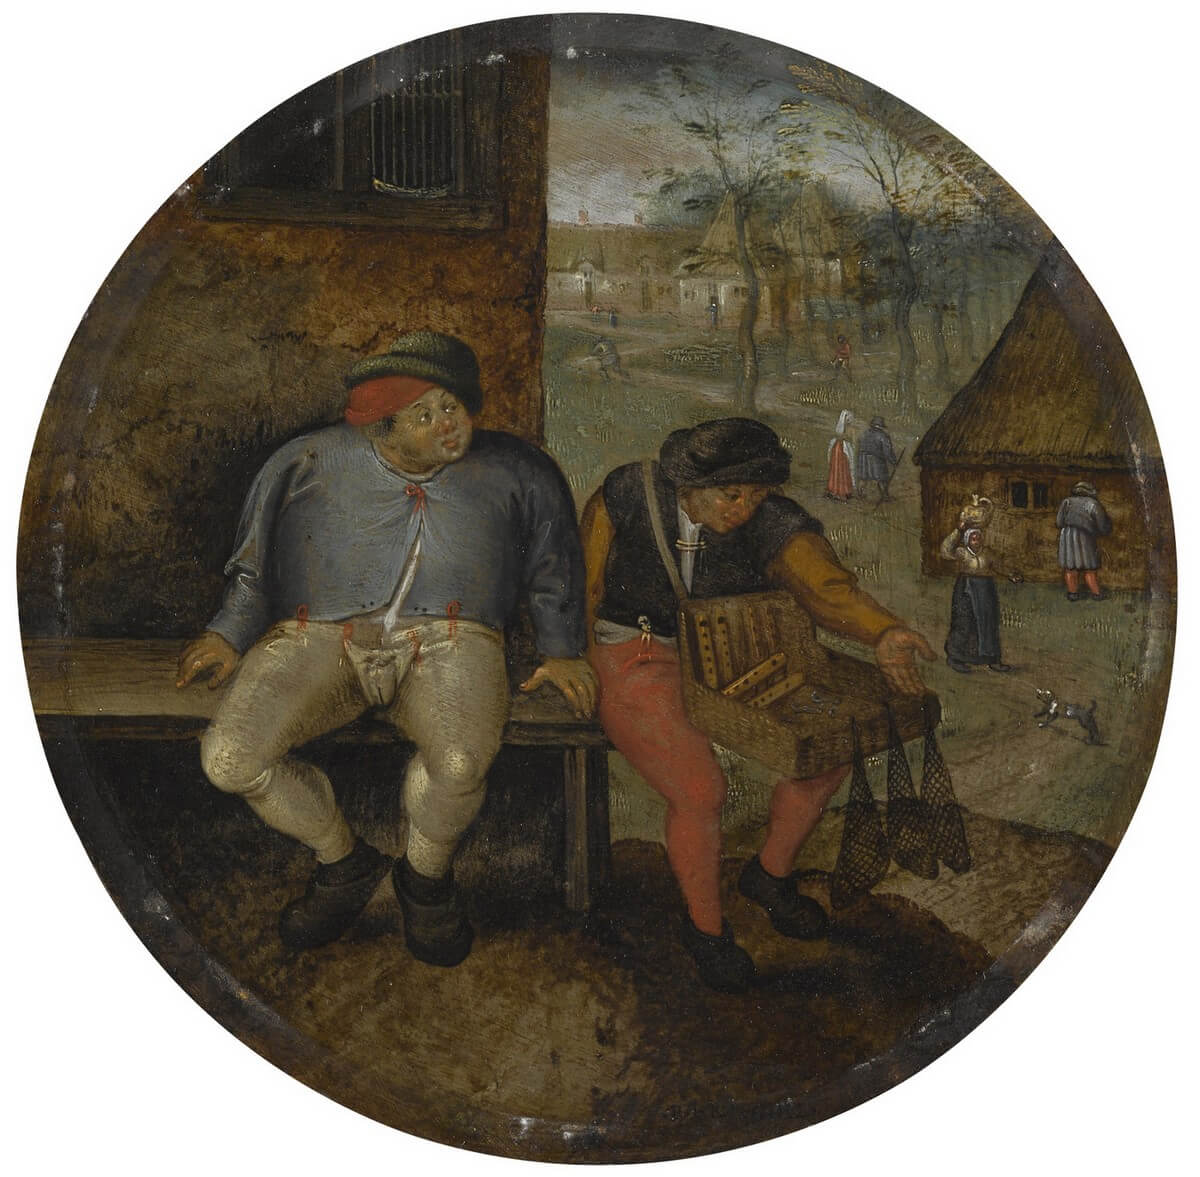 Pieter Brueghel de jonge.Charles Baudelaire, correspondentie Brussel, België.Vertaling Charles Baudelaire, Vertalingen Vivienne Stringa.